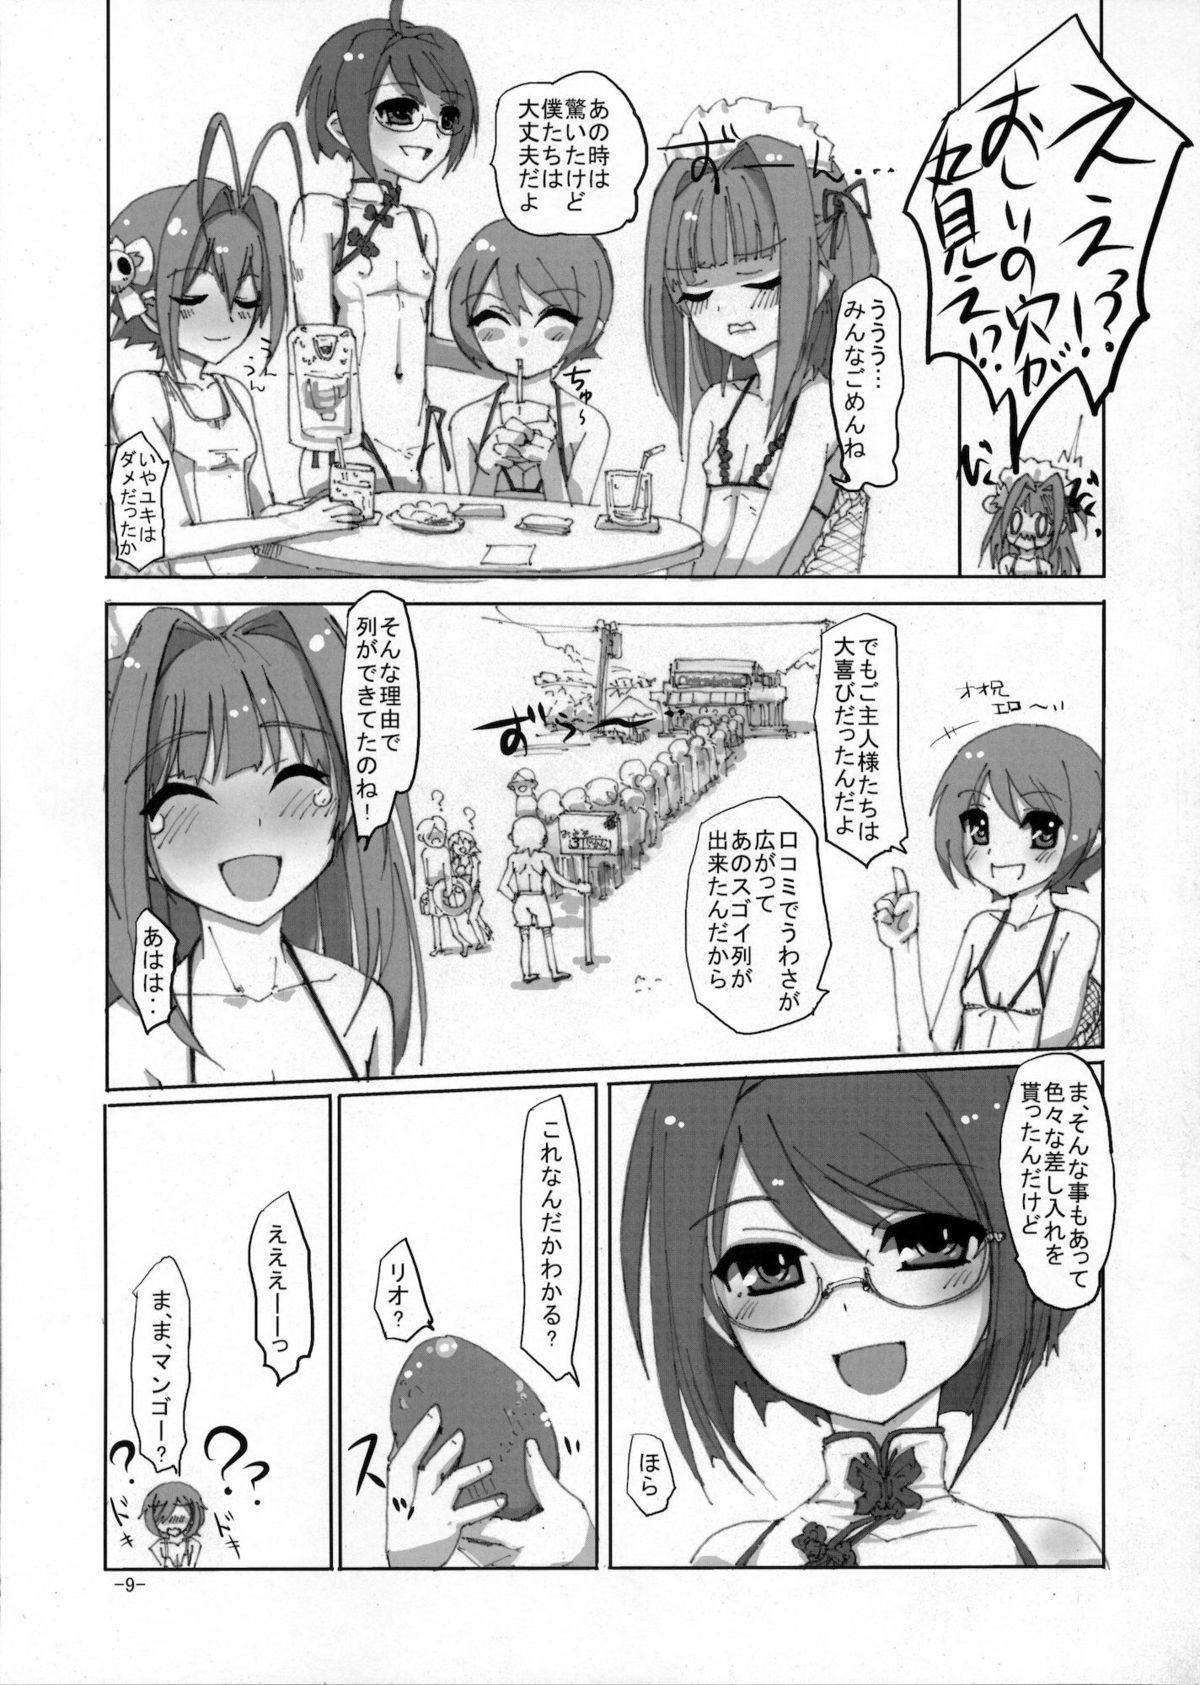 Sakurairo Shounen Sabou 5 7